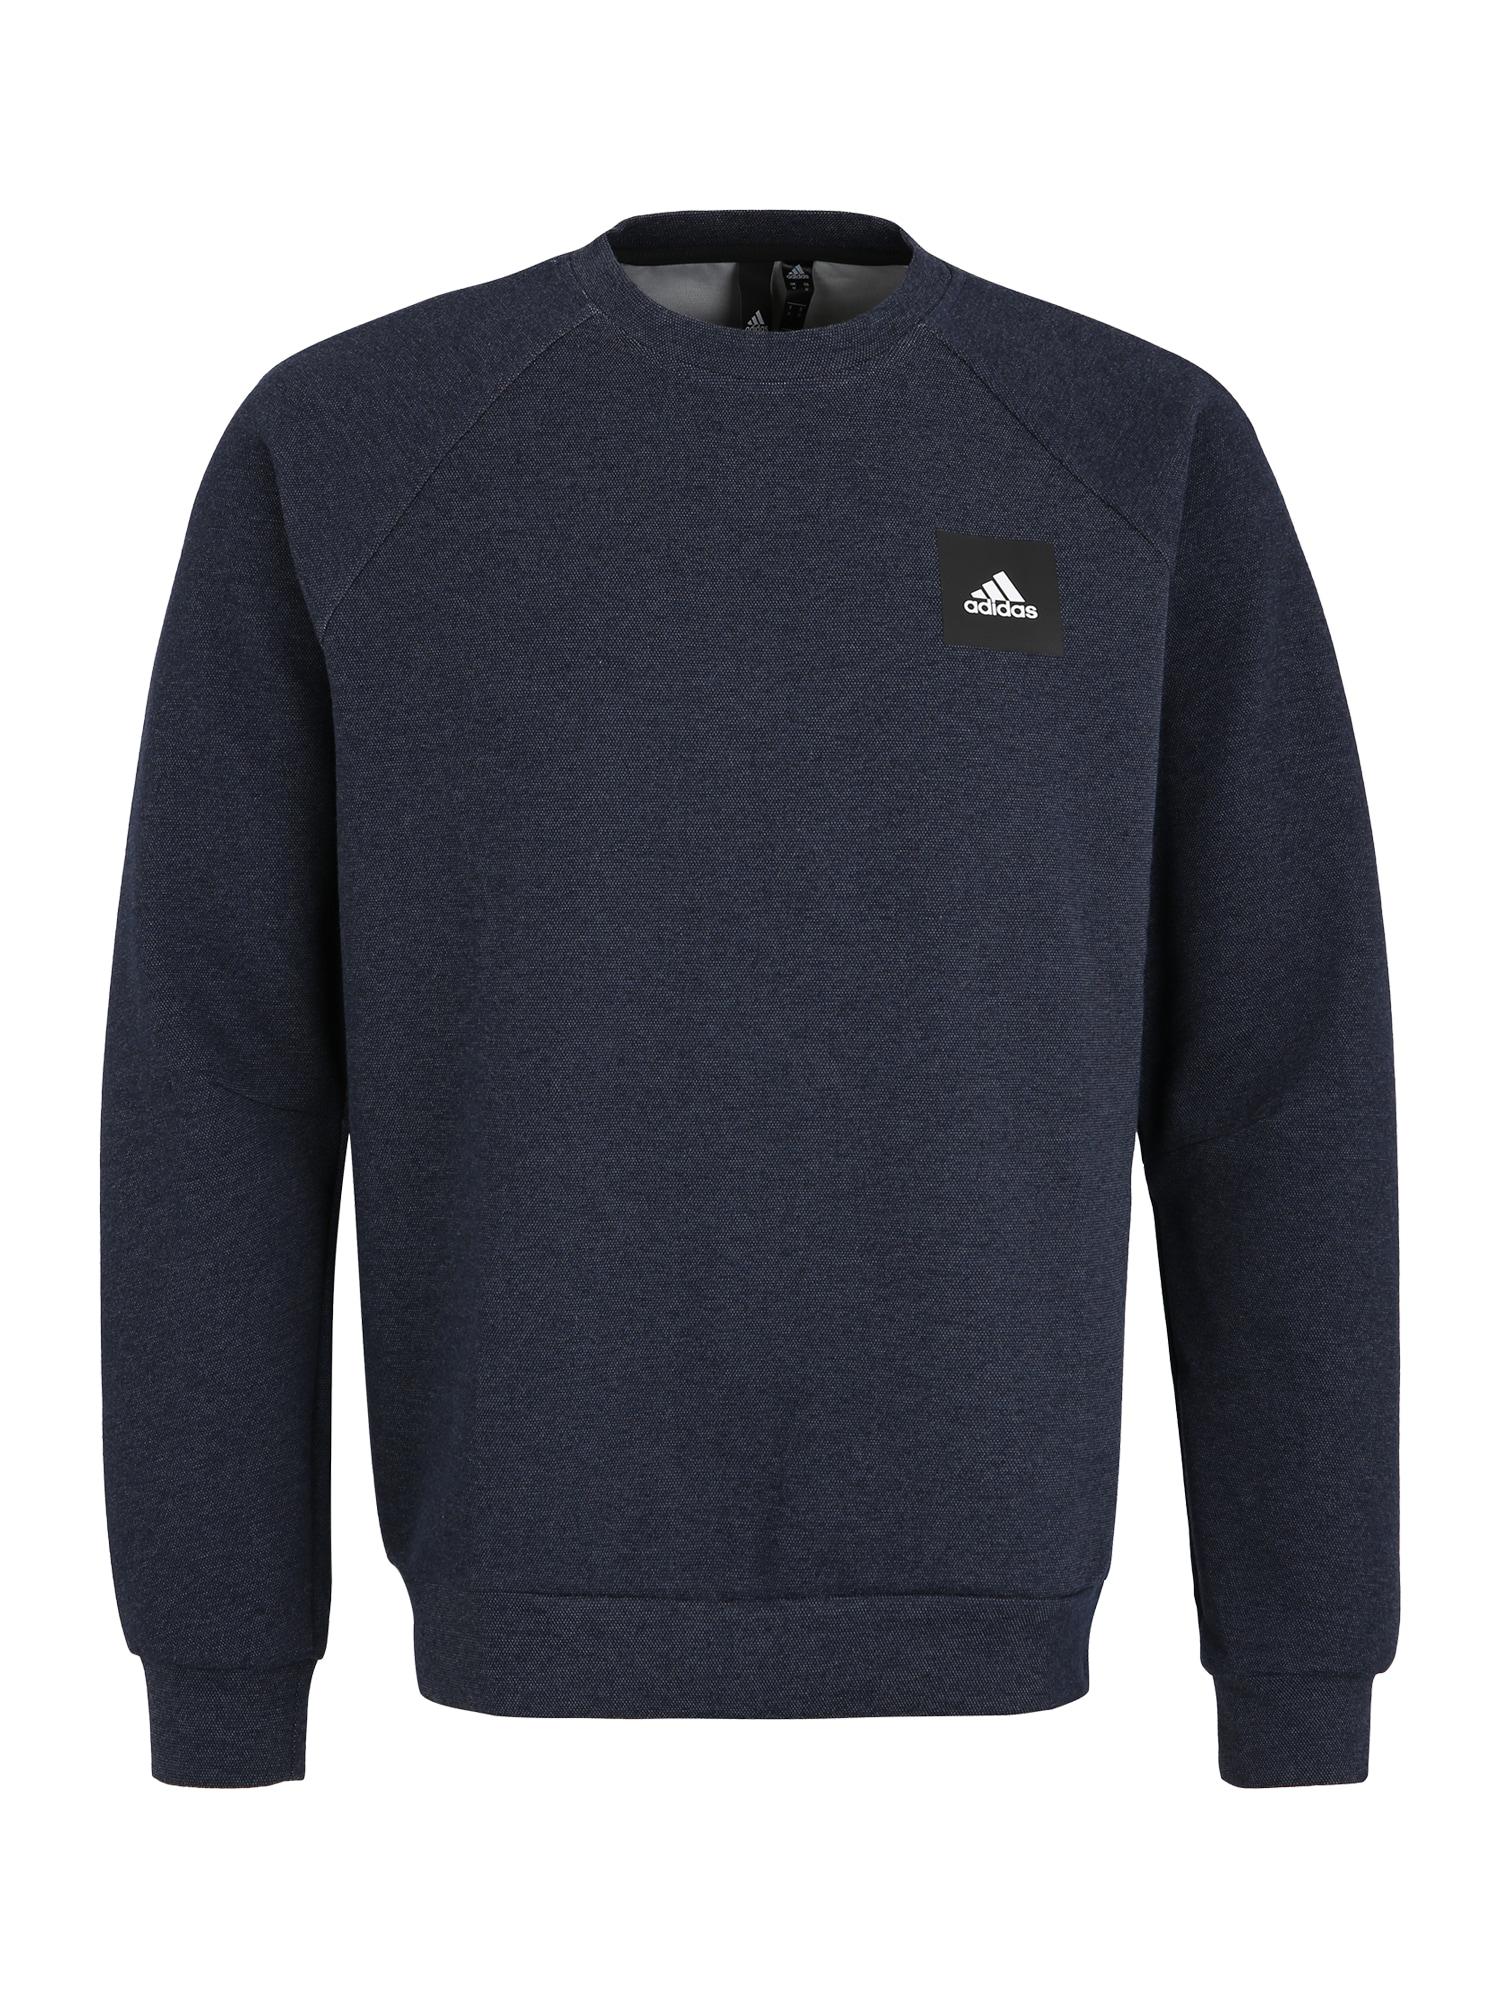 ADIDAS PERFORMANCE Sportinio tipo megztinis tamsiai mėlyna